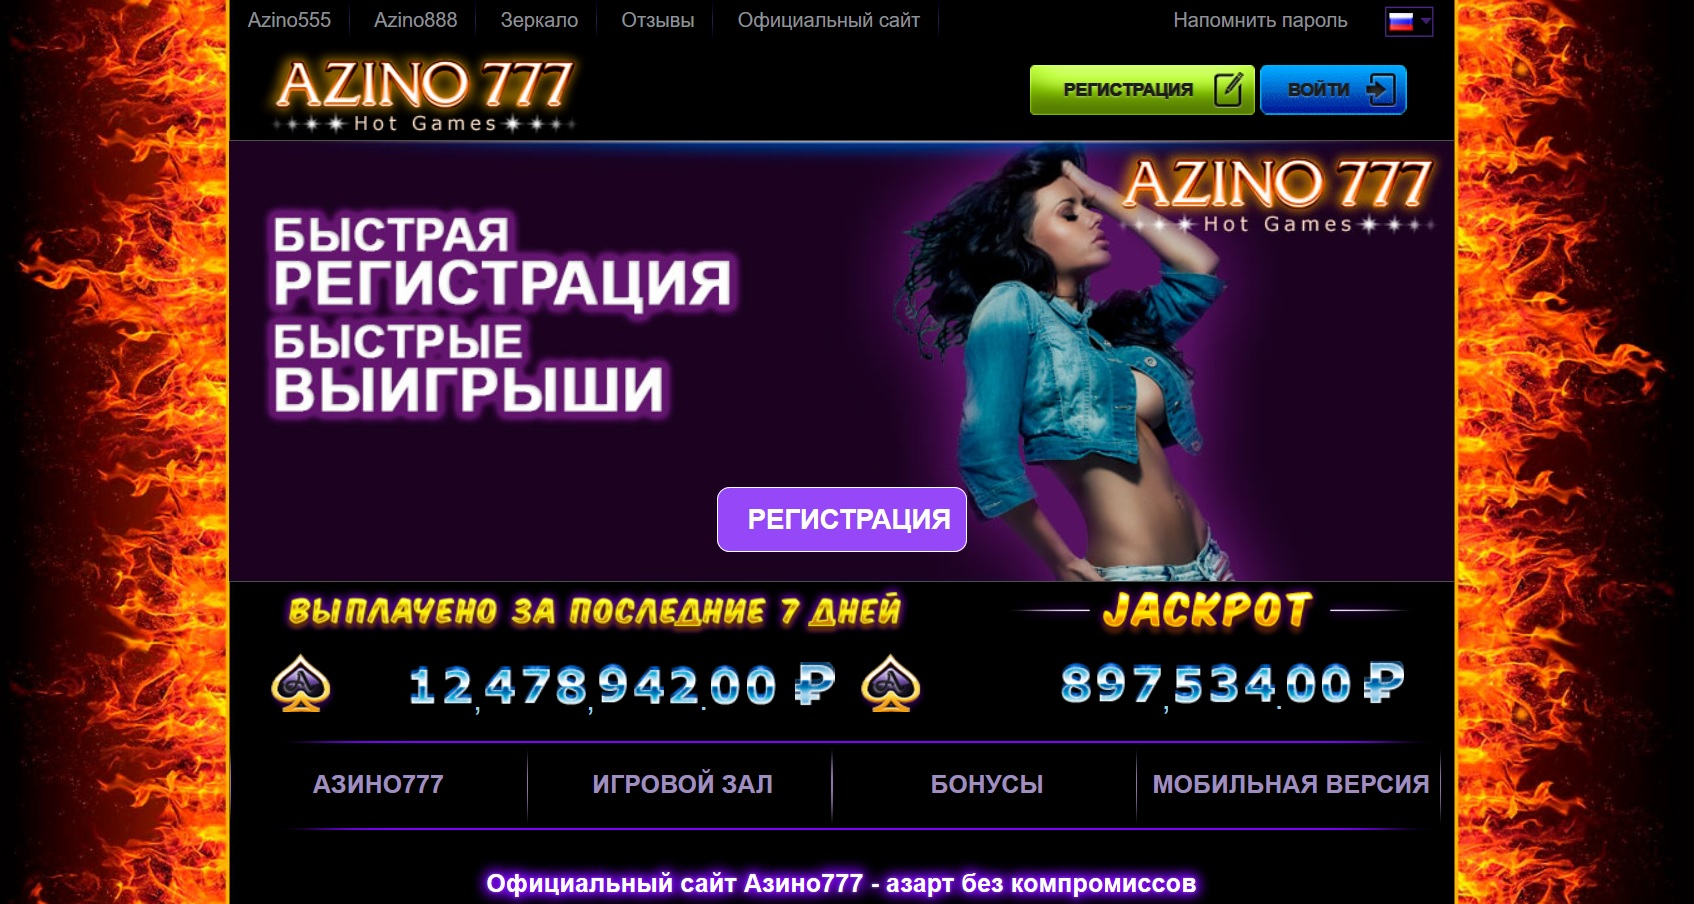 азино777 com официальный сайт